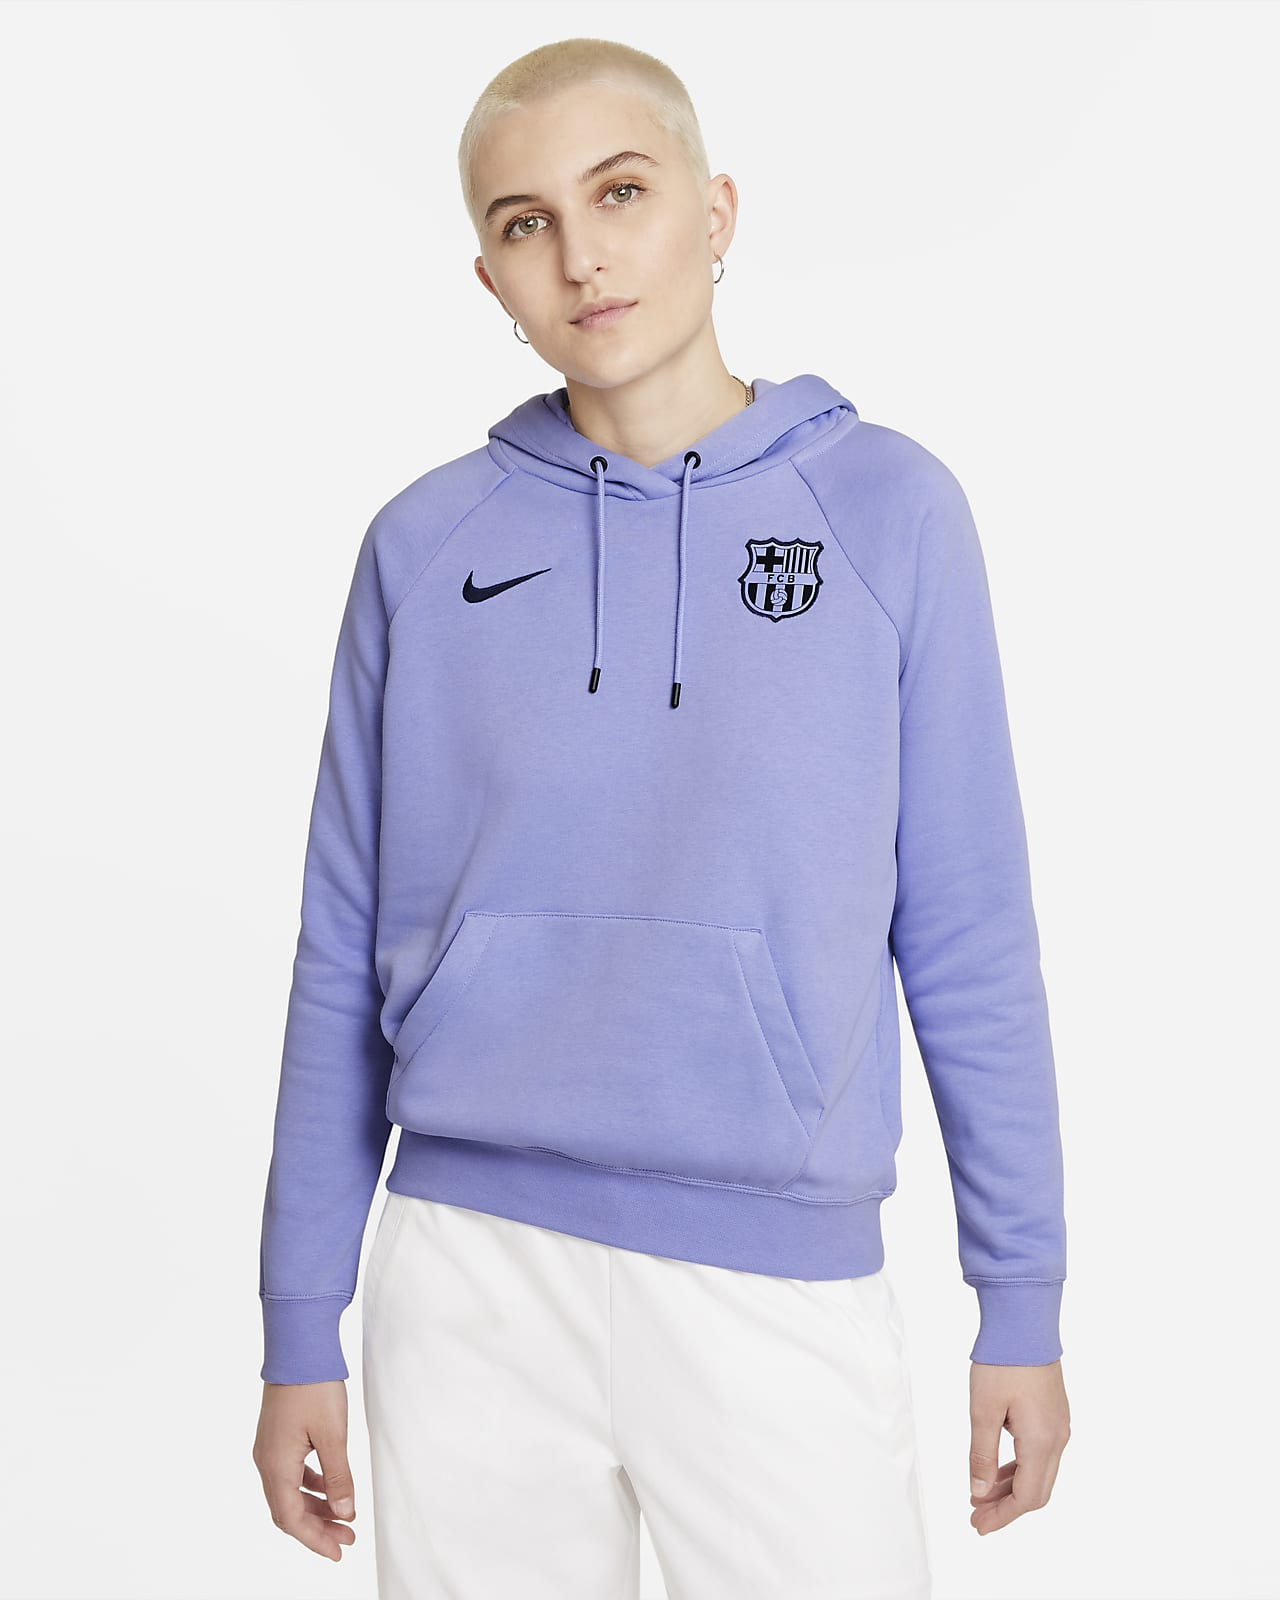 F.C. Barcelona Women's Fleece Pullover Hoodie